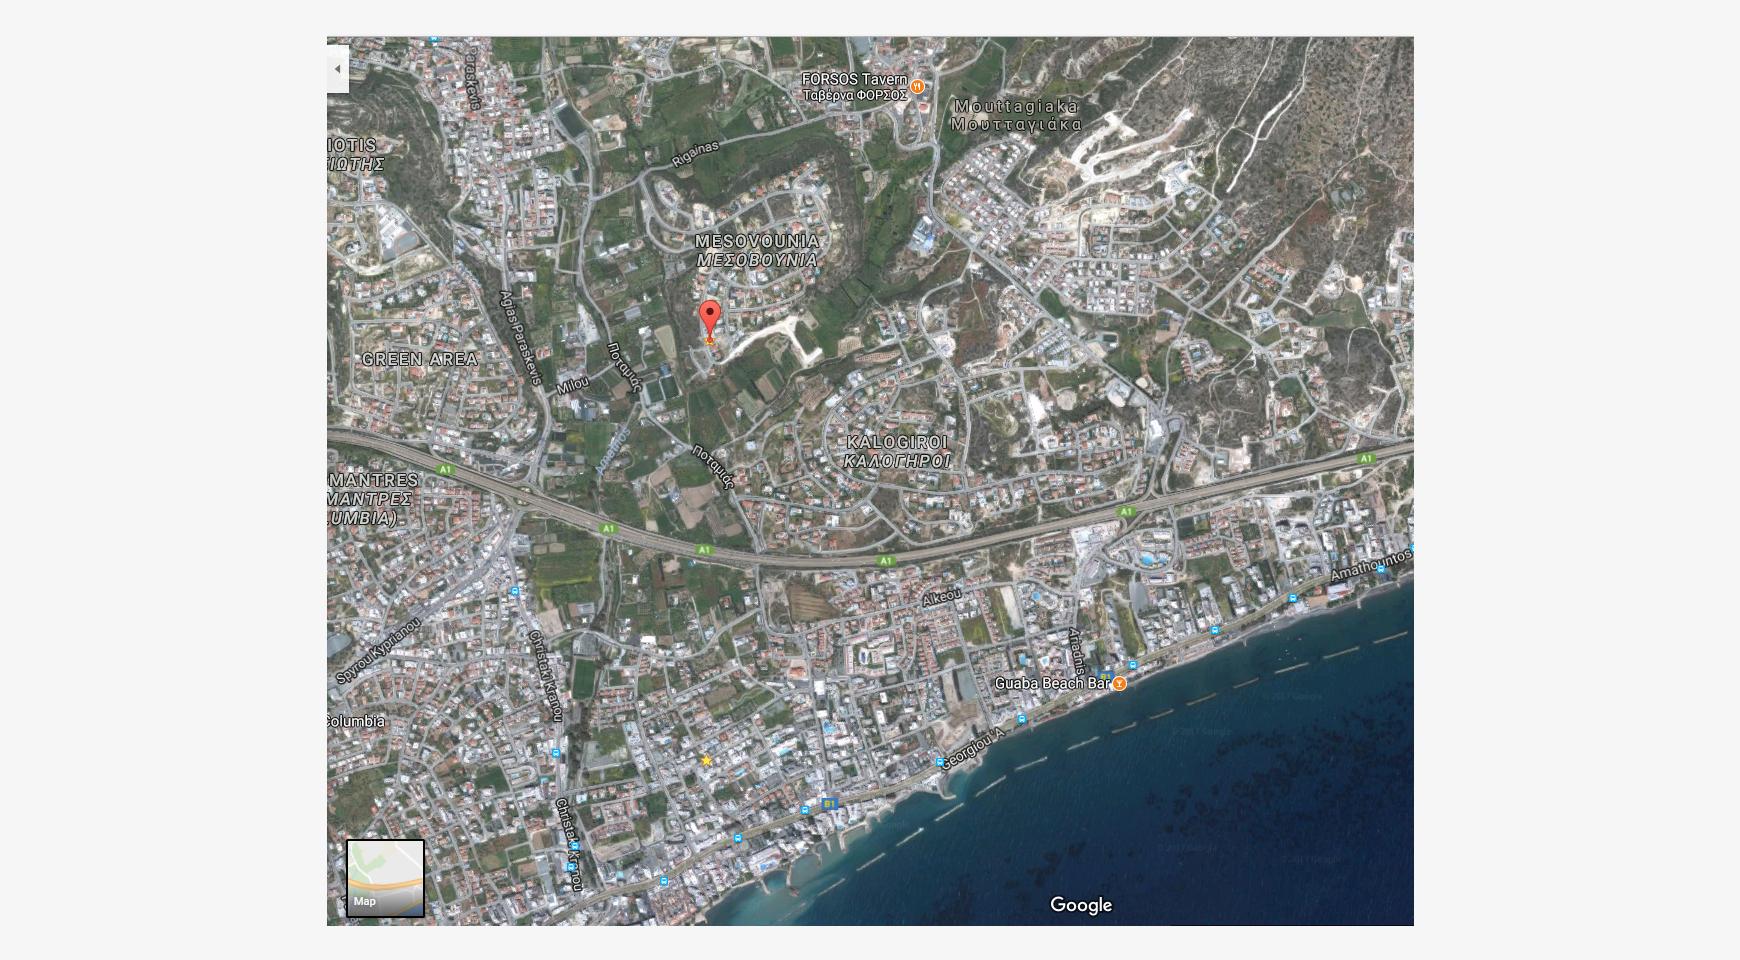 2 Строительных Участка с Видом на Море в Районе Mesovounia - 1